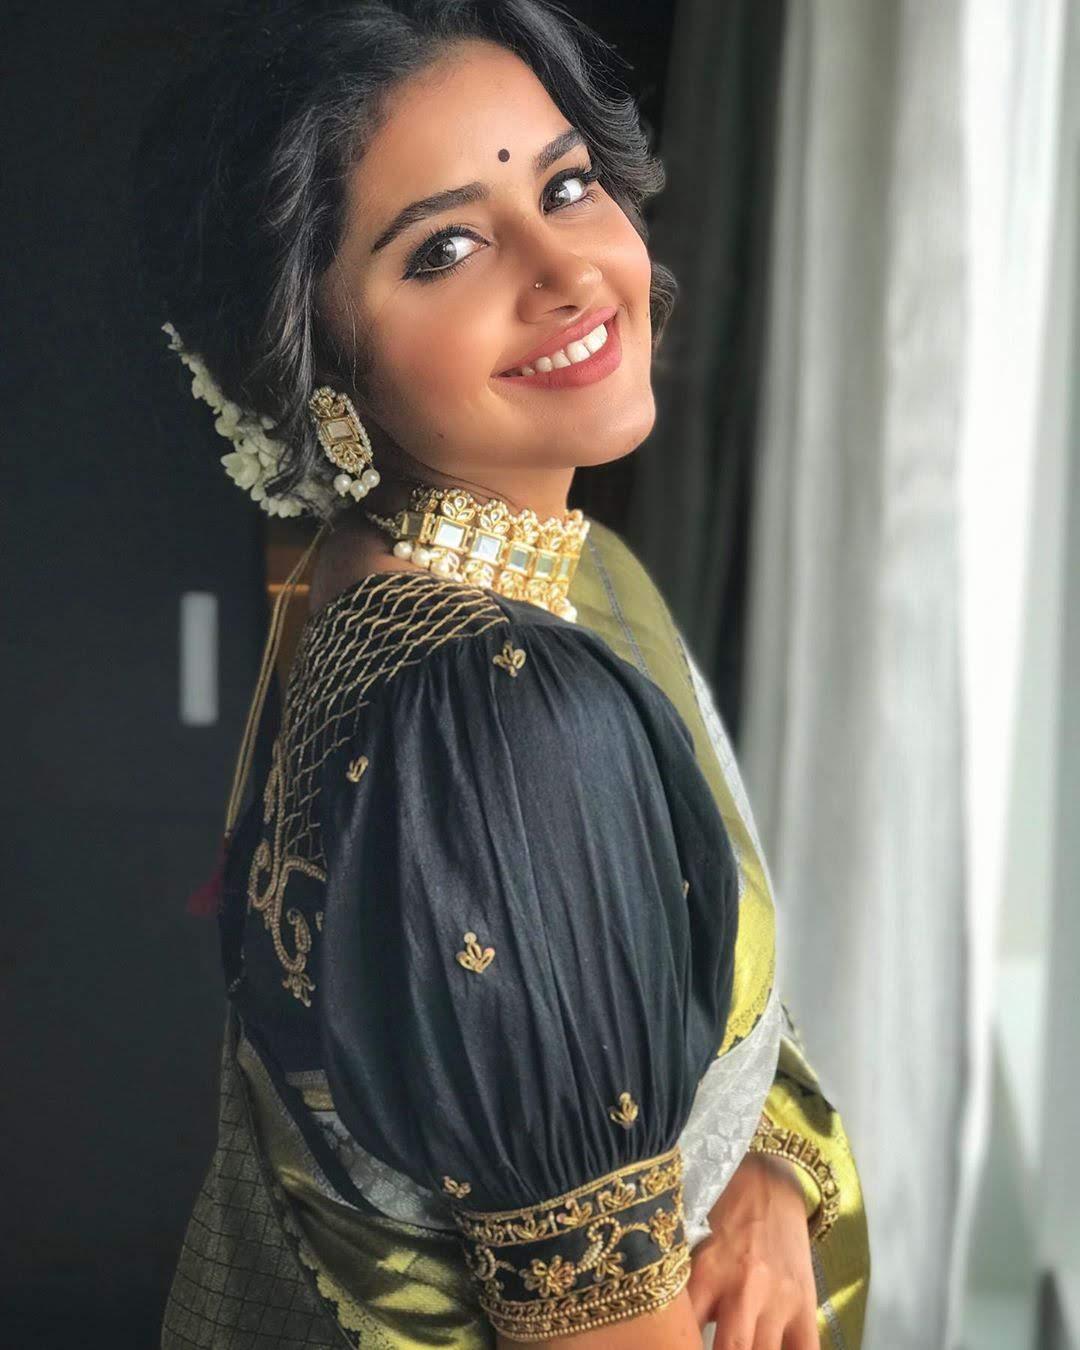 anupama_parameswaran_182